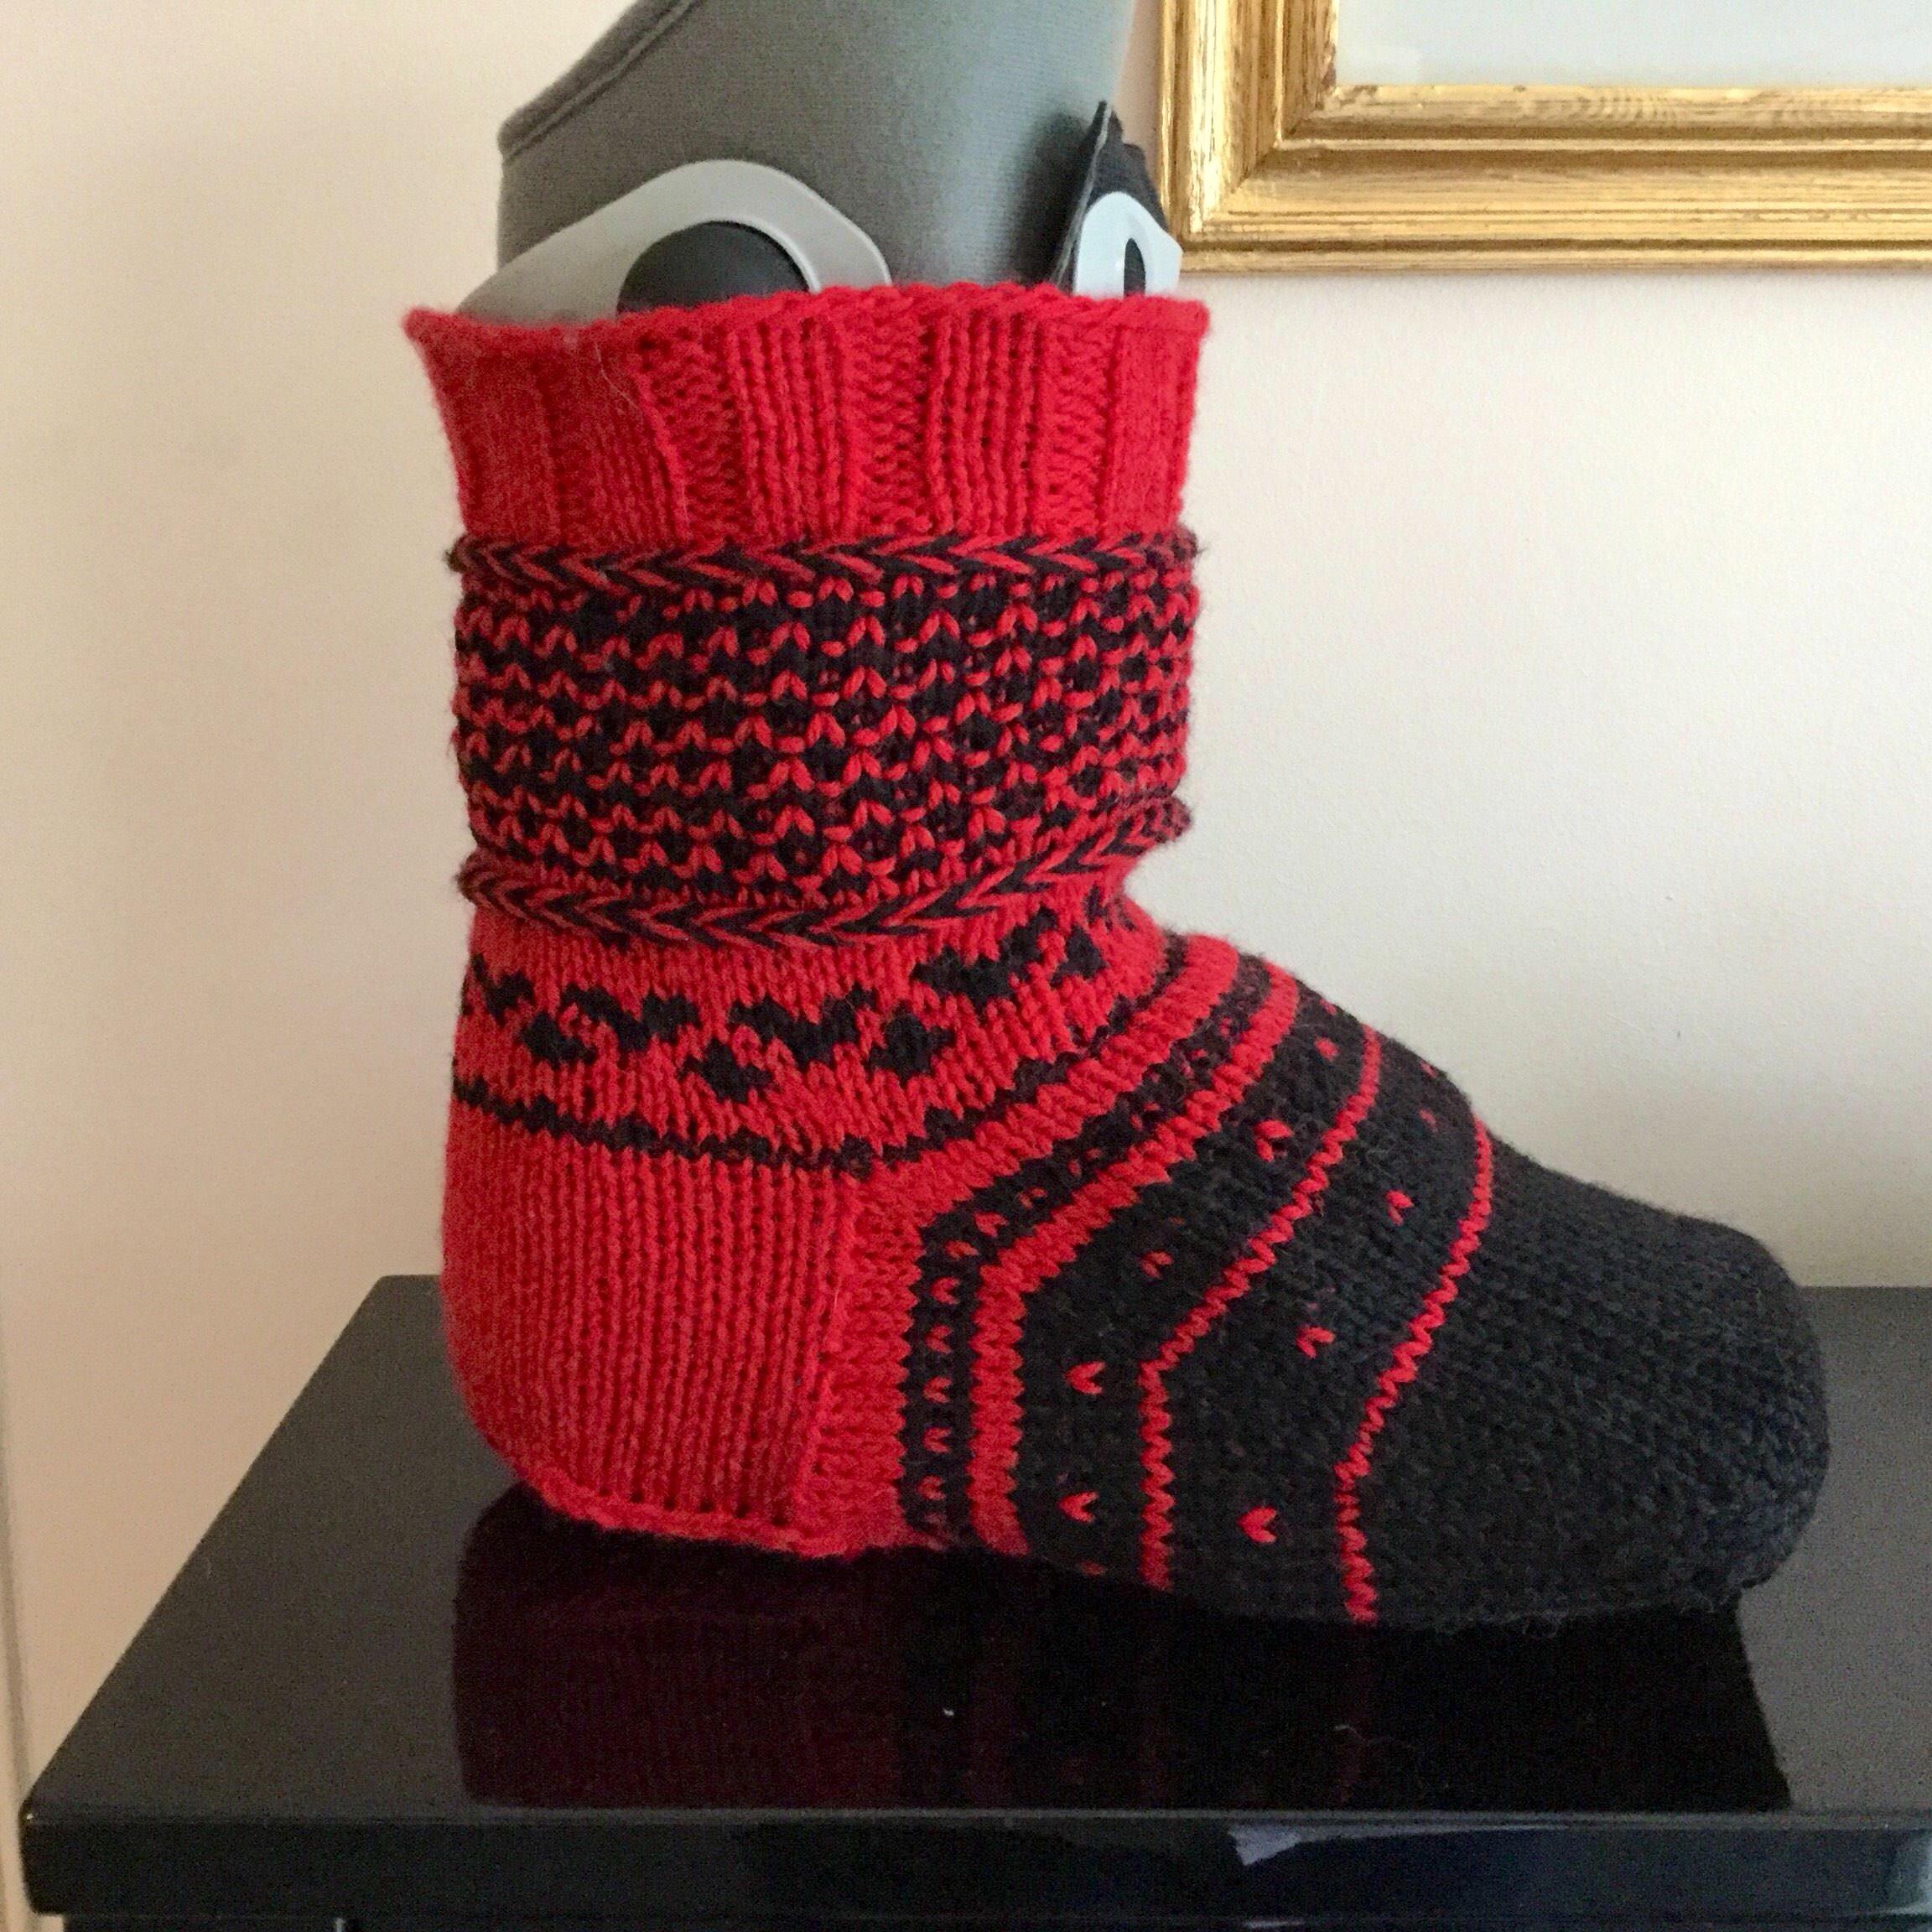 grande chaussette de pl tre large chaussette chaussette pour pl tre chaude pure laine cast. Black Bedroom Furniture Sets. Home Design Ideas